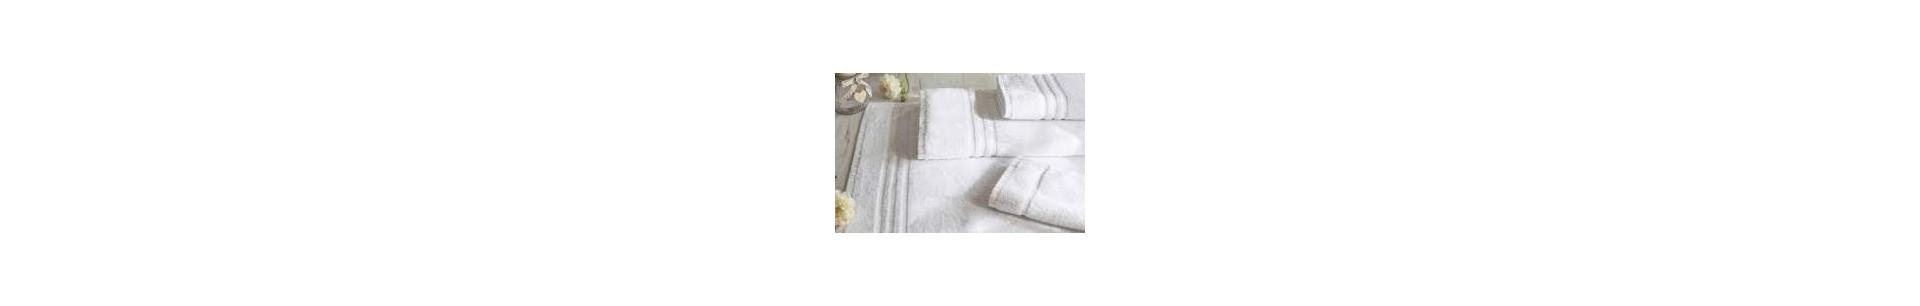 Tiendas Pavo Venta Online de toallas blancas de algodón, toallas de color para baño y piscina, albornoces, zapatillas y productos para spa.